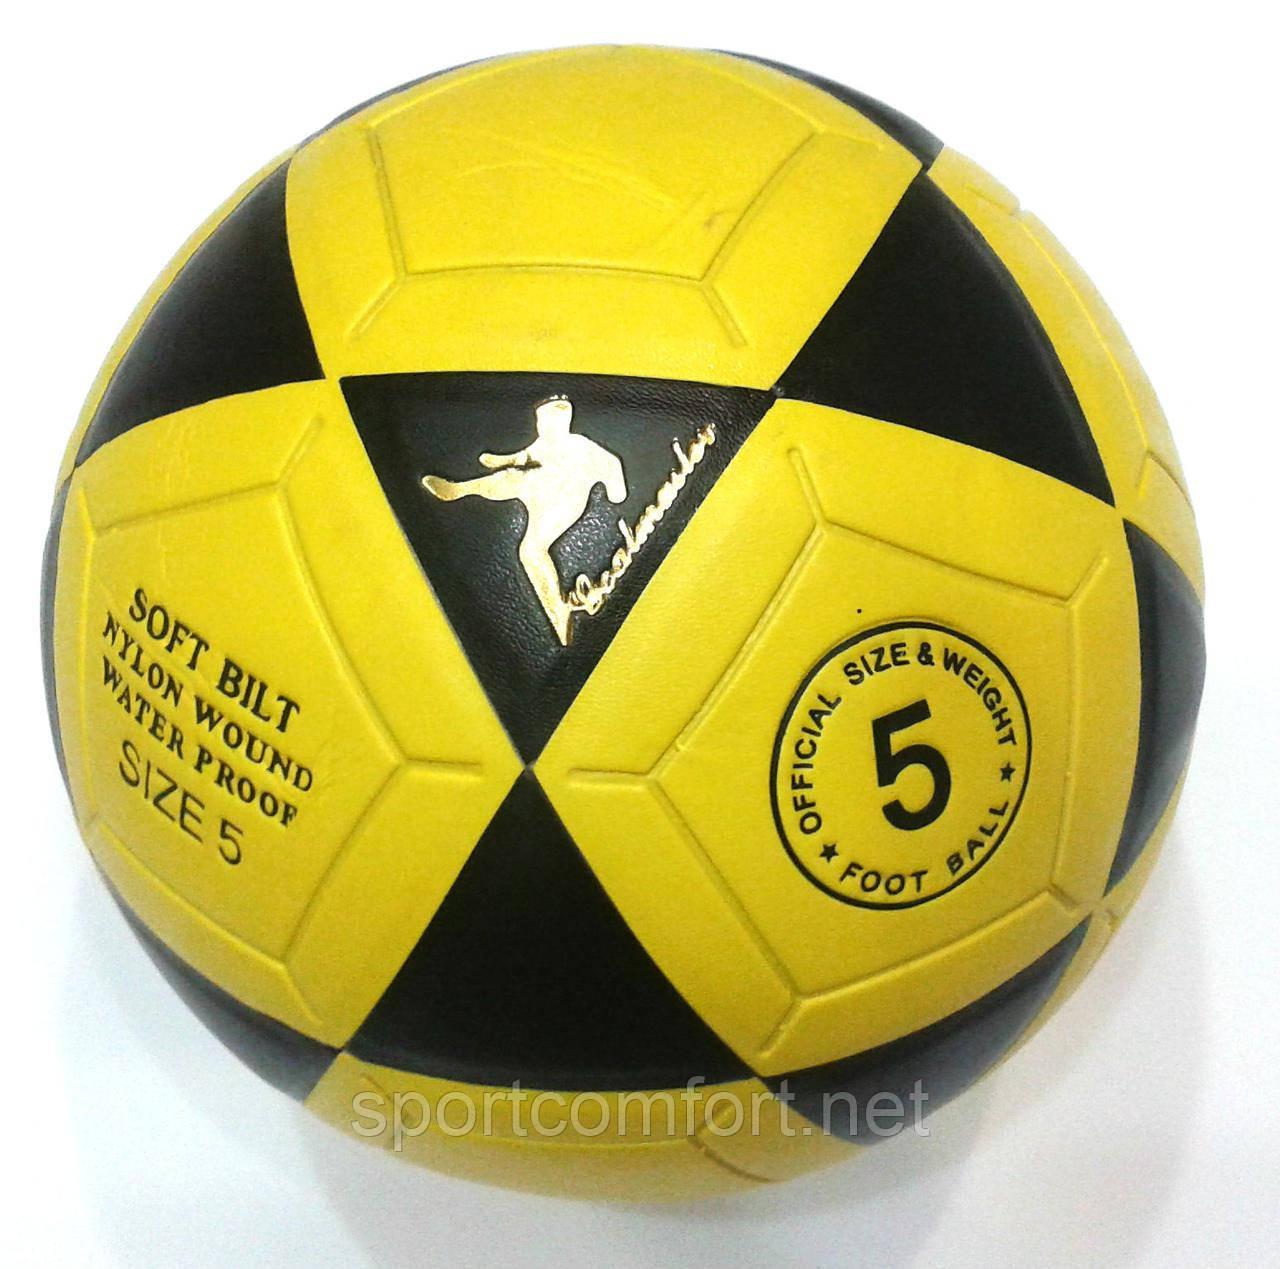 М'яч футбольний №5 безшовний (ПВХ) Extreme motion (футбольний м'яч)